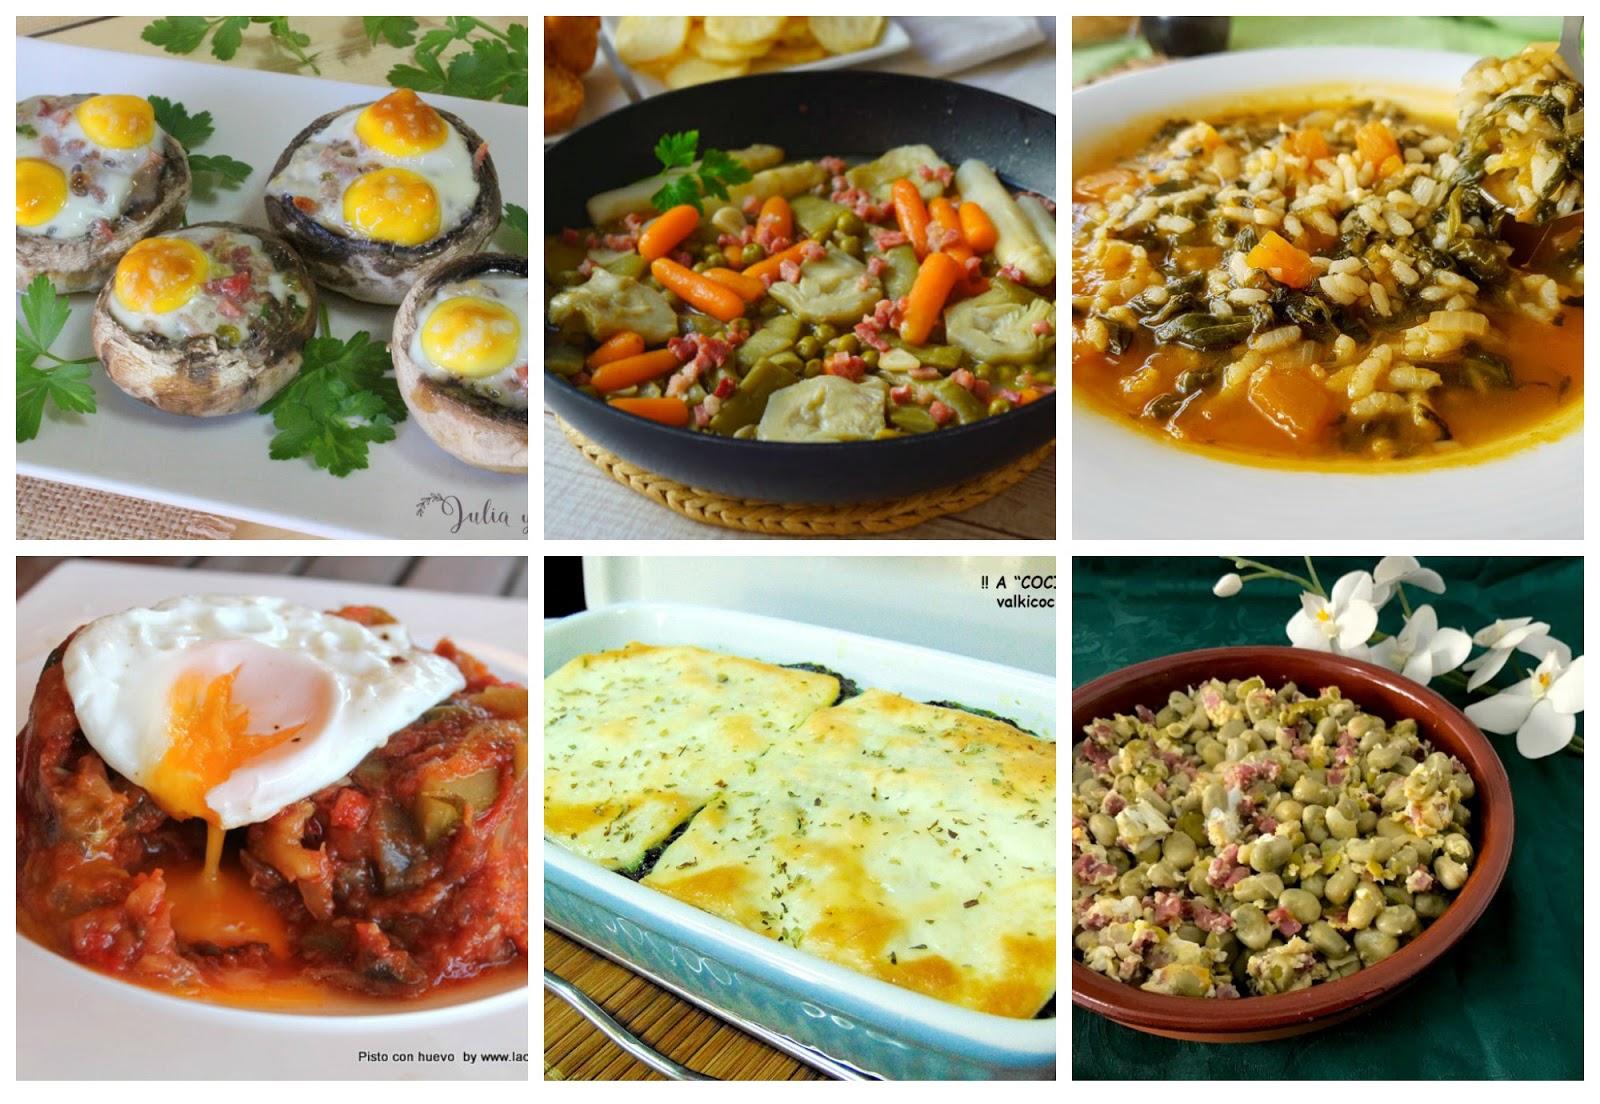 6 Recetas De Verduras Fáciles Y Apetitosas A Cocinear